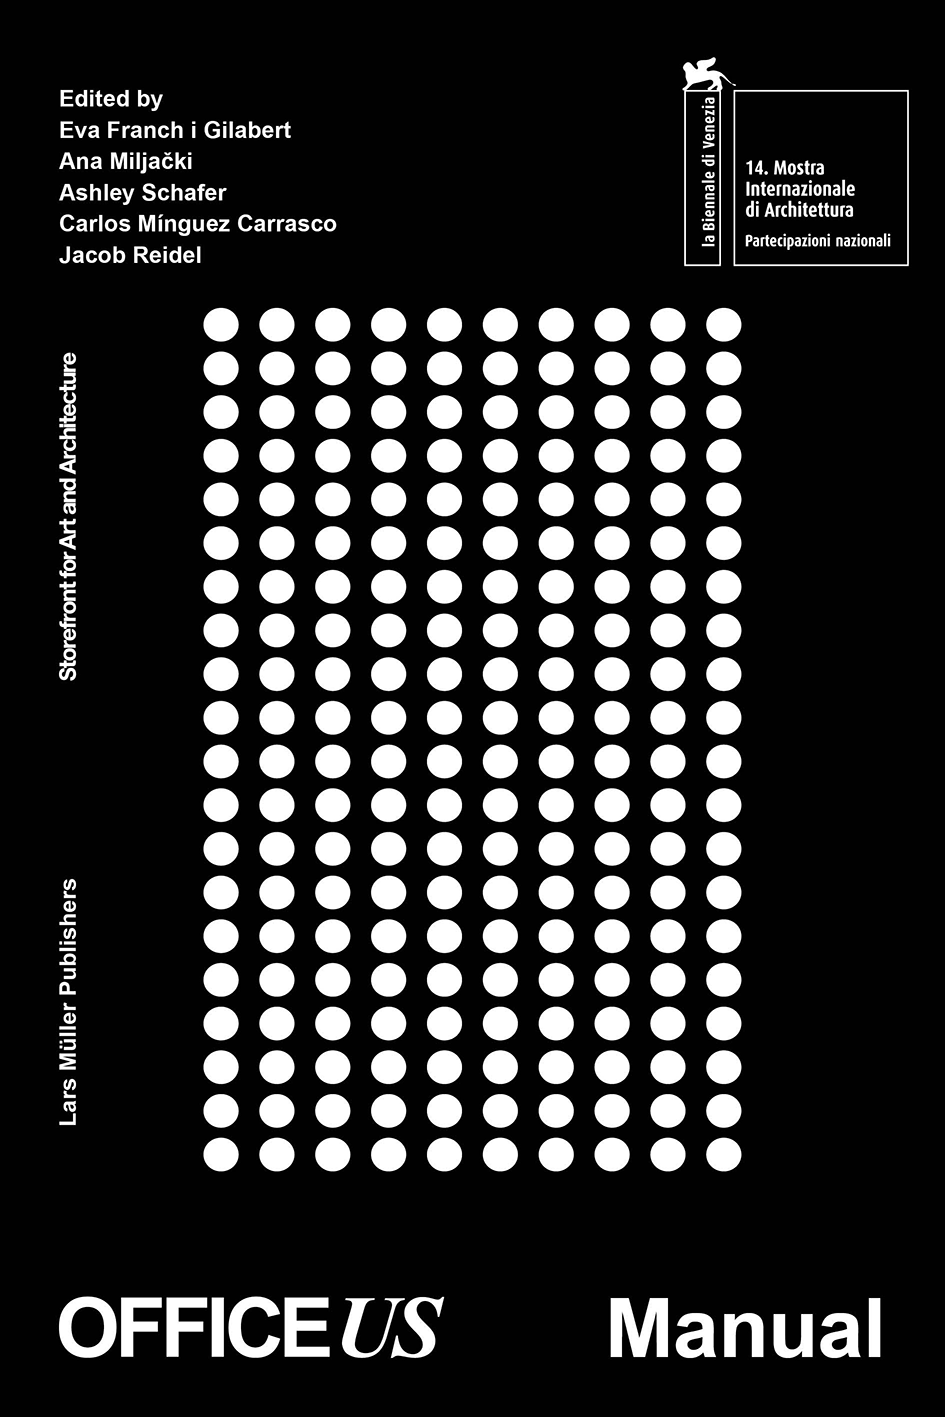 Biennale_covers3.png